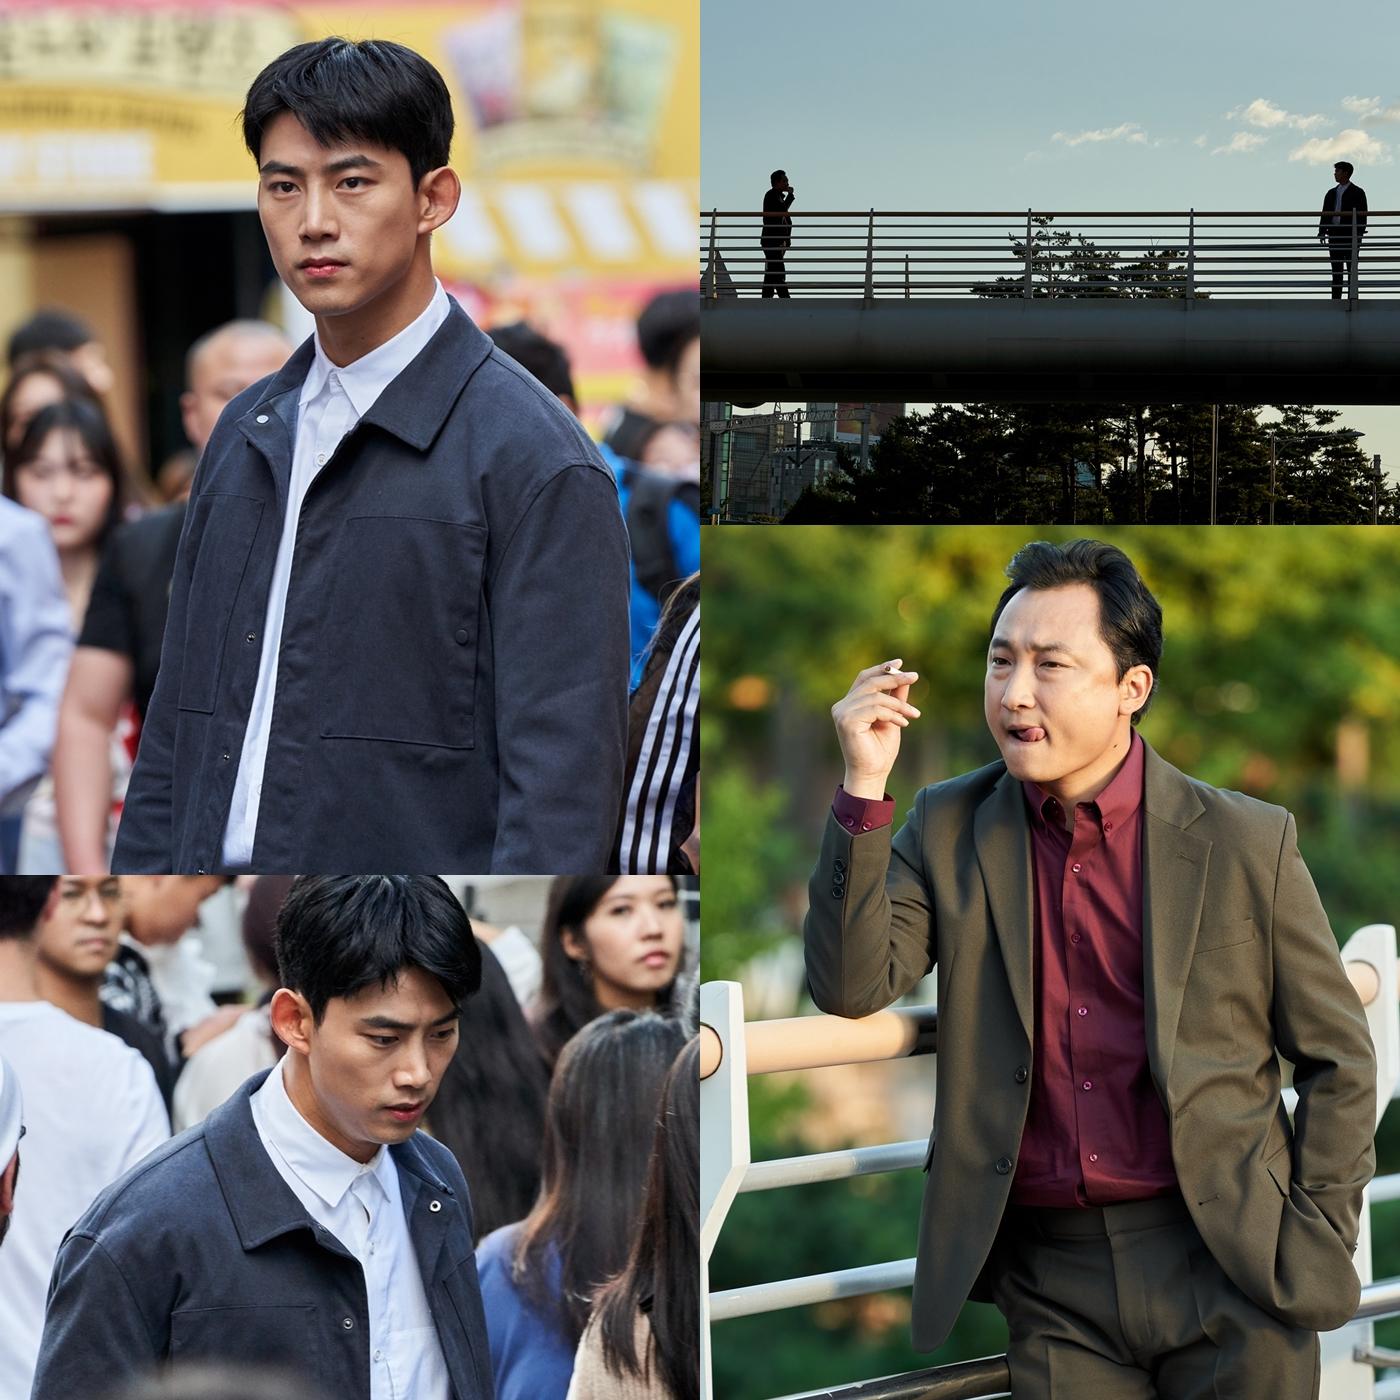 '더 게임:0시를 향하여' 옥택연이 만난 의문의 남자, 거대 범죄 사건의 서막 예고!